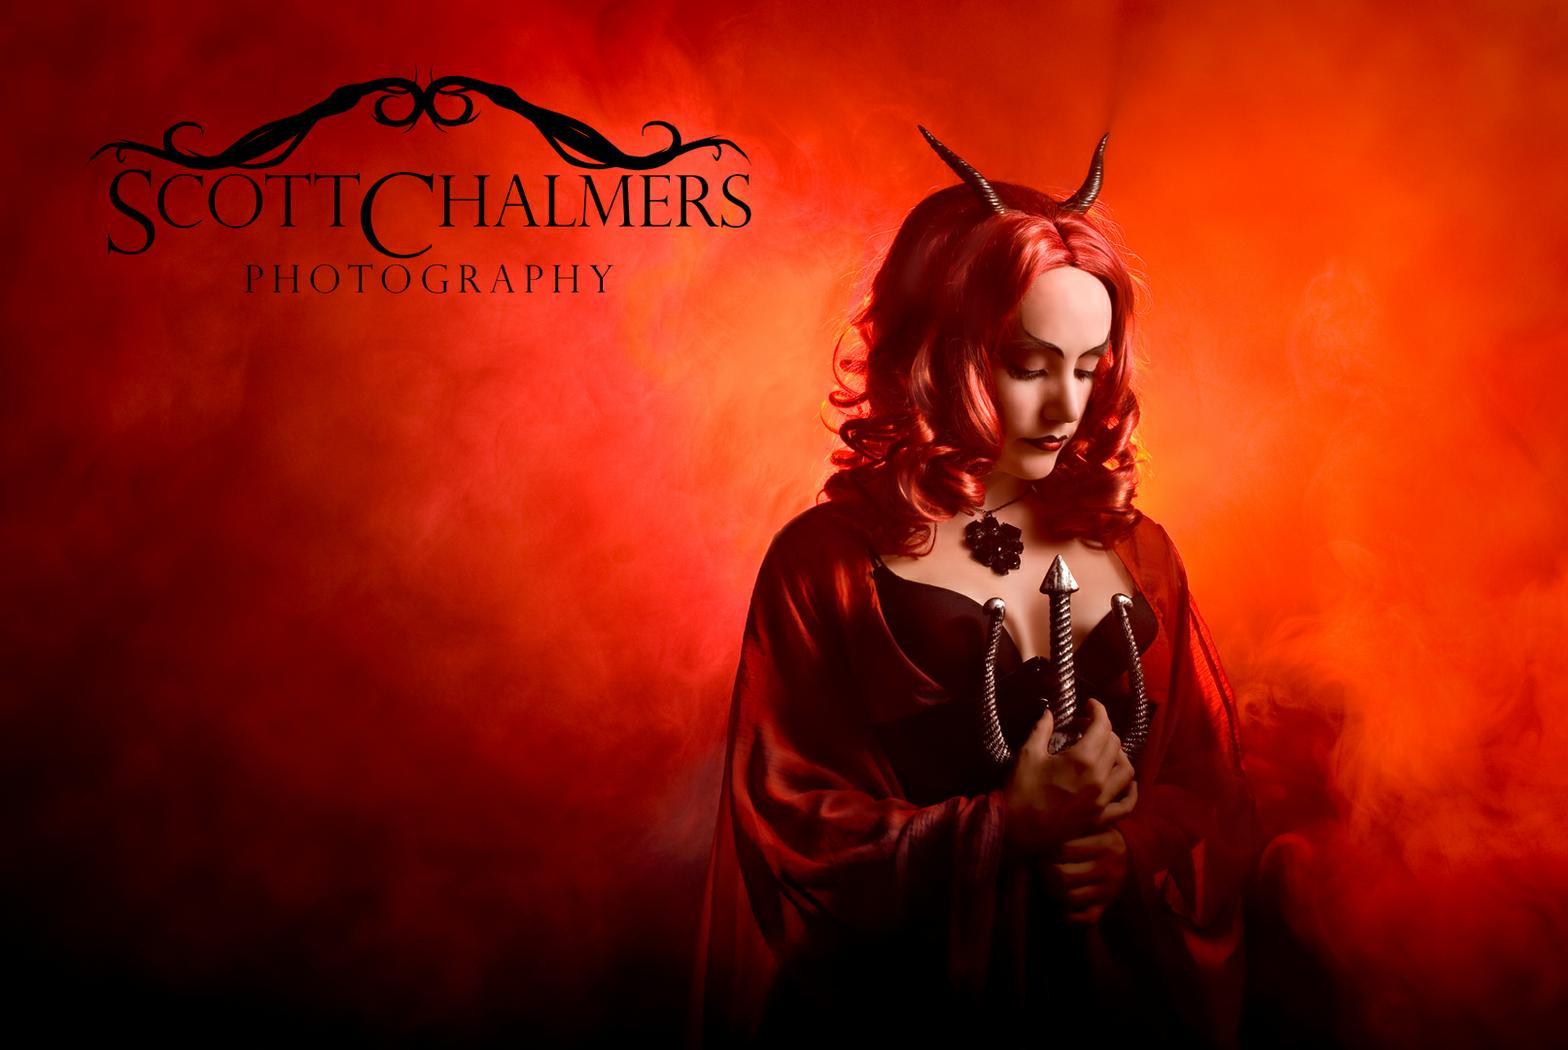 Scott Chalmers